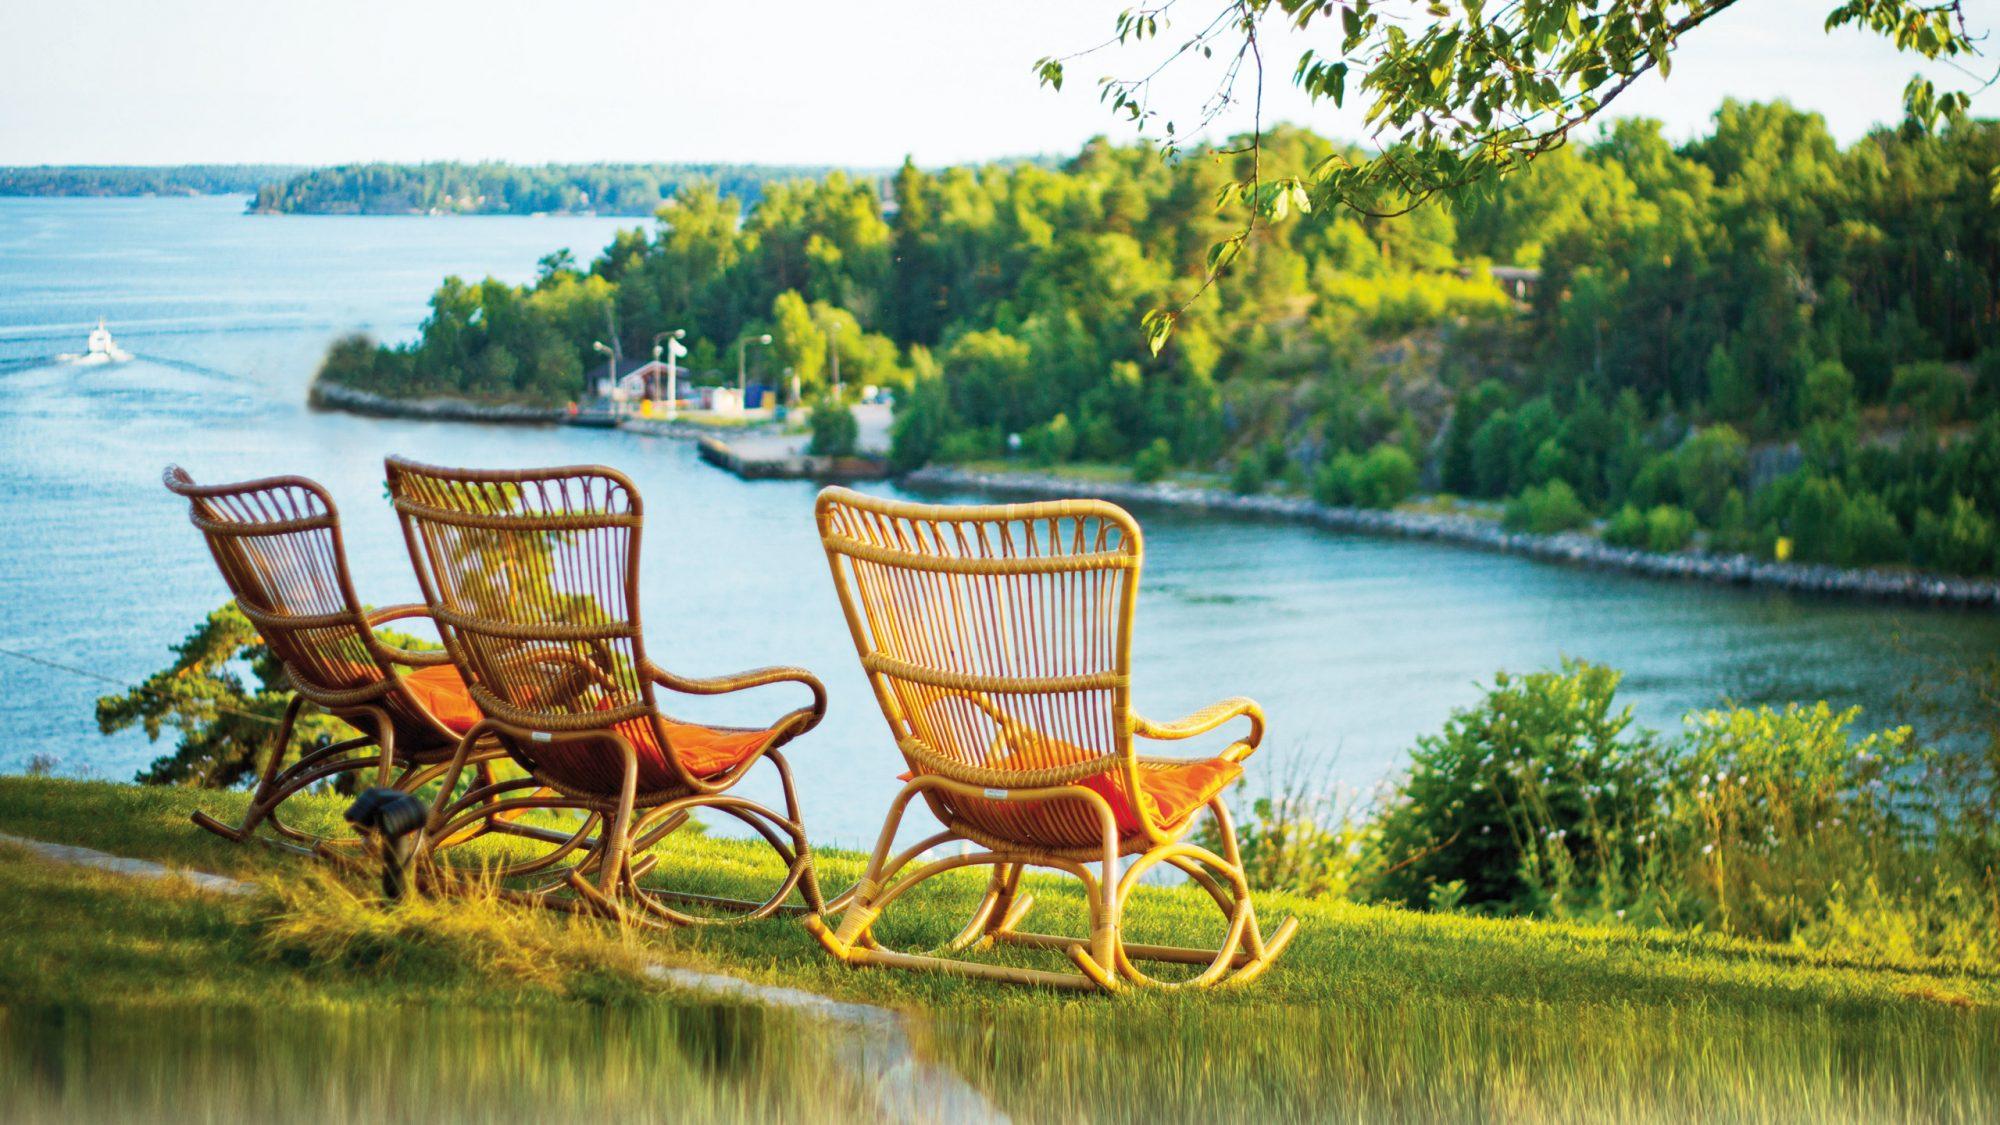 Fredriksborg Hotell - Havsnära hotell att koppla av på